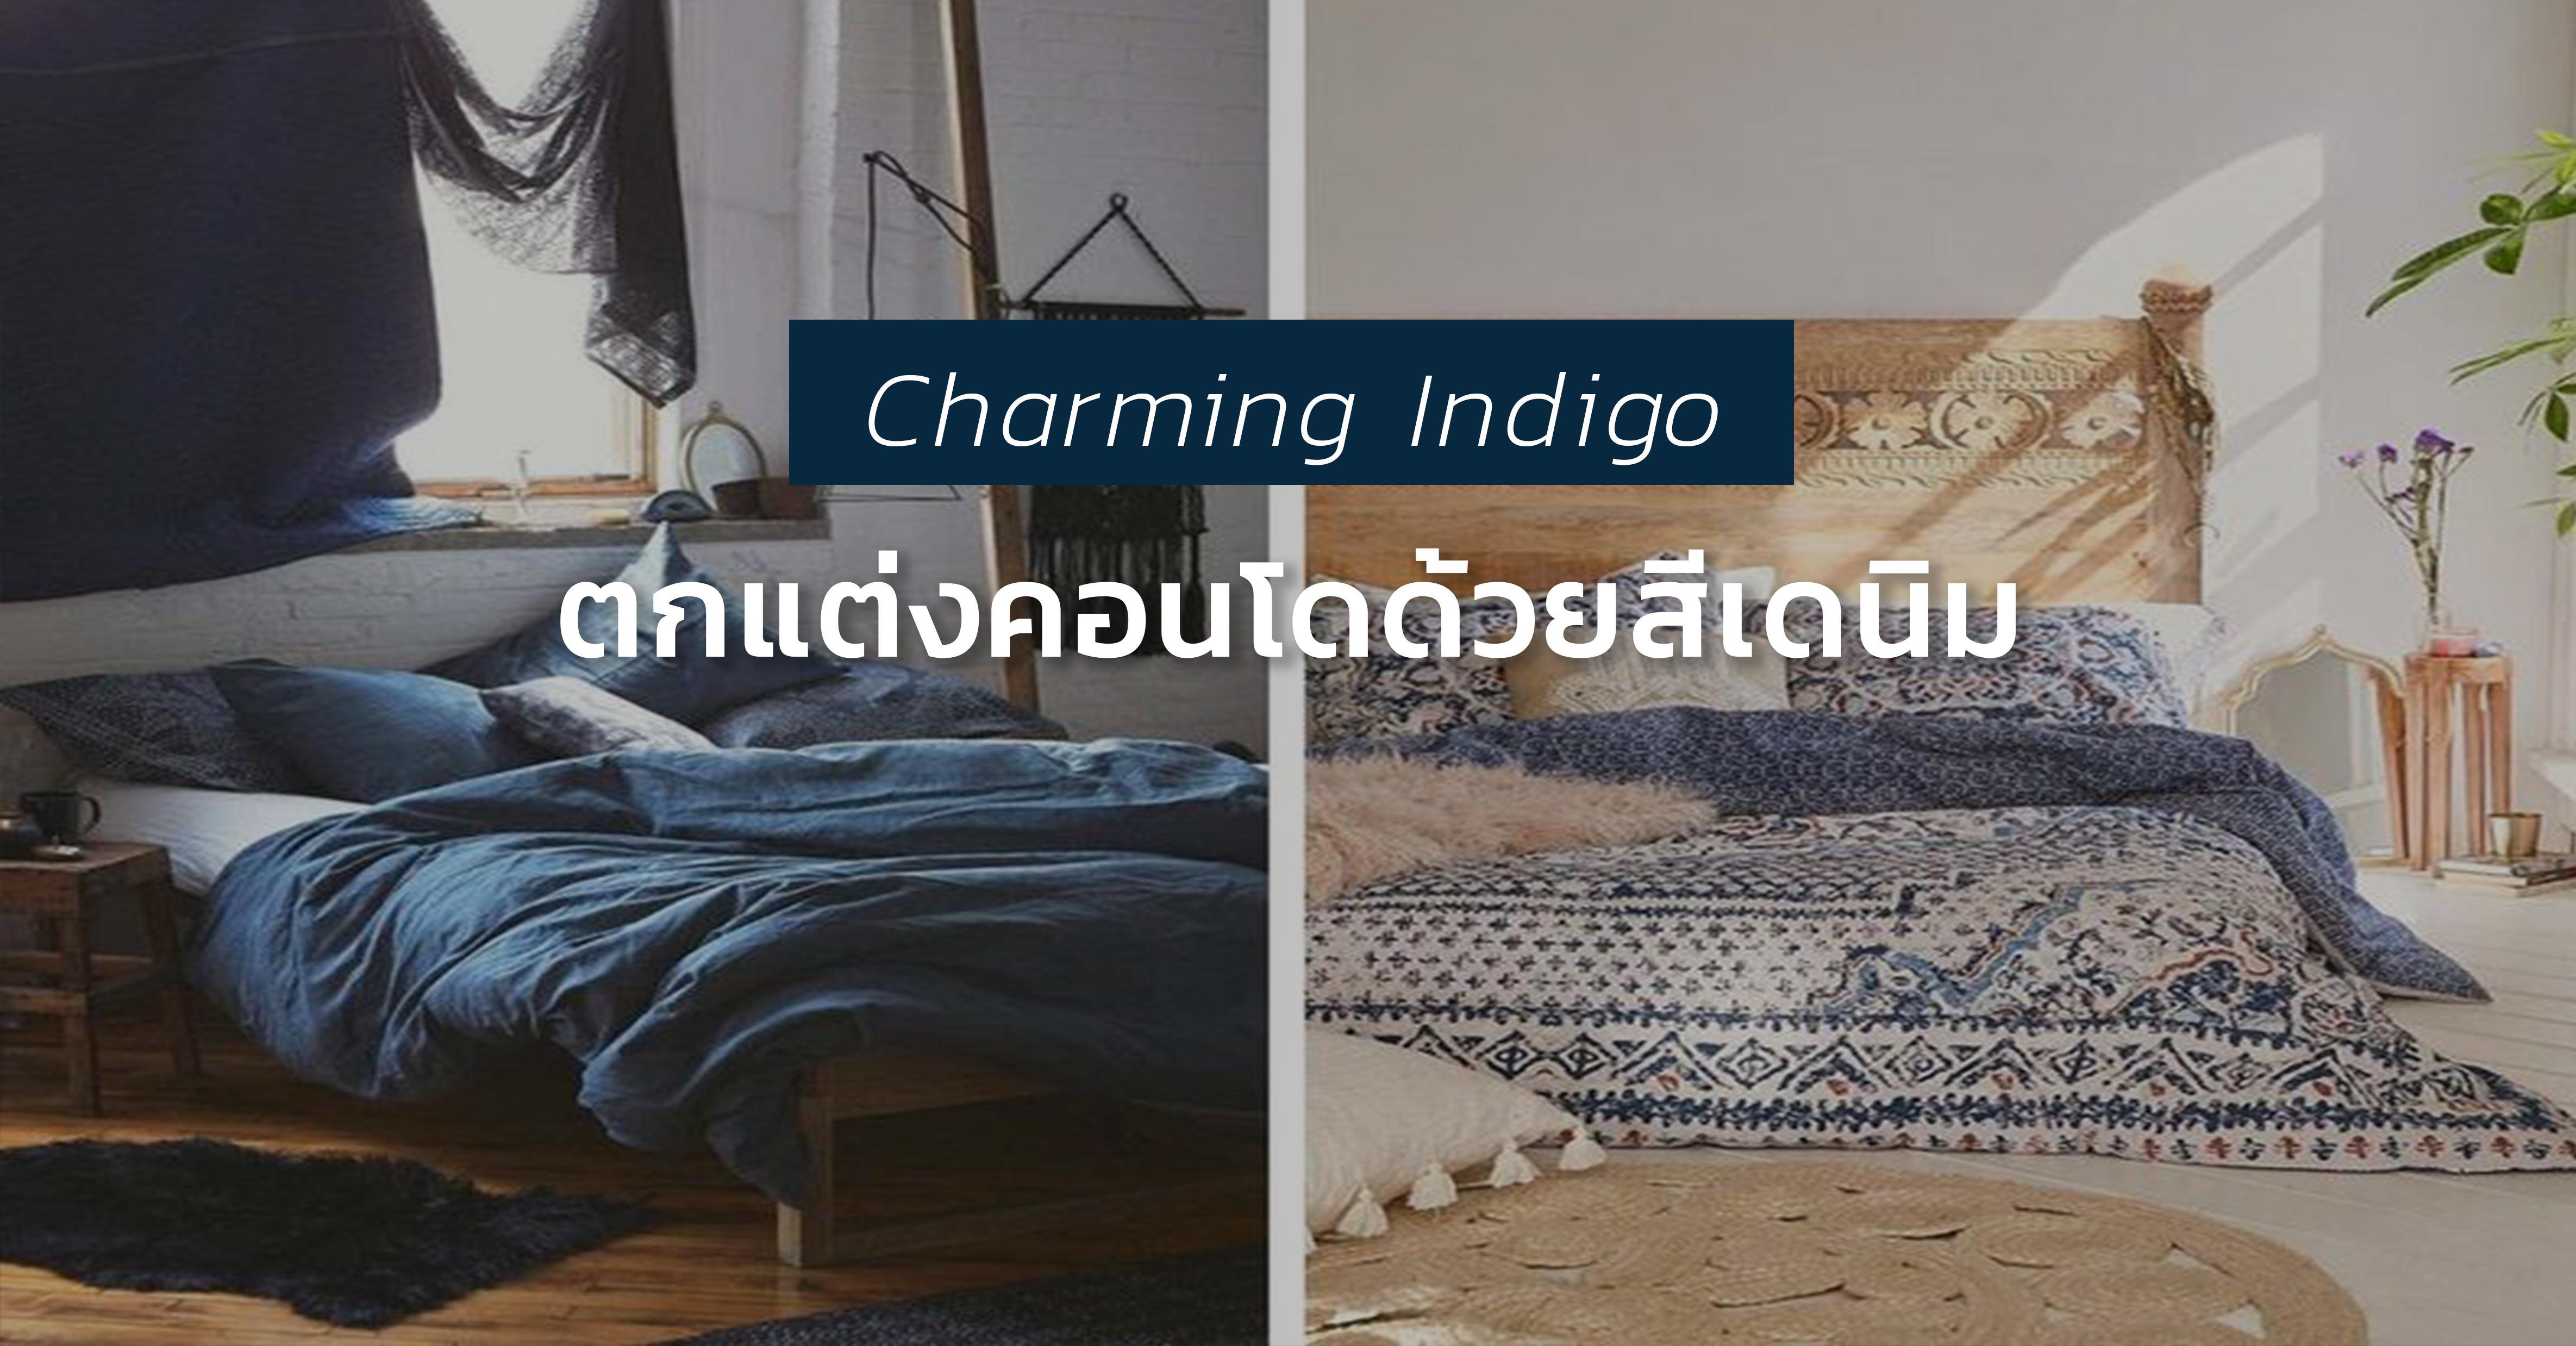 รูปบทความ Color inspiration : Charming Indigo ตกแต่งคอนโดด้วยสีเดนิม